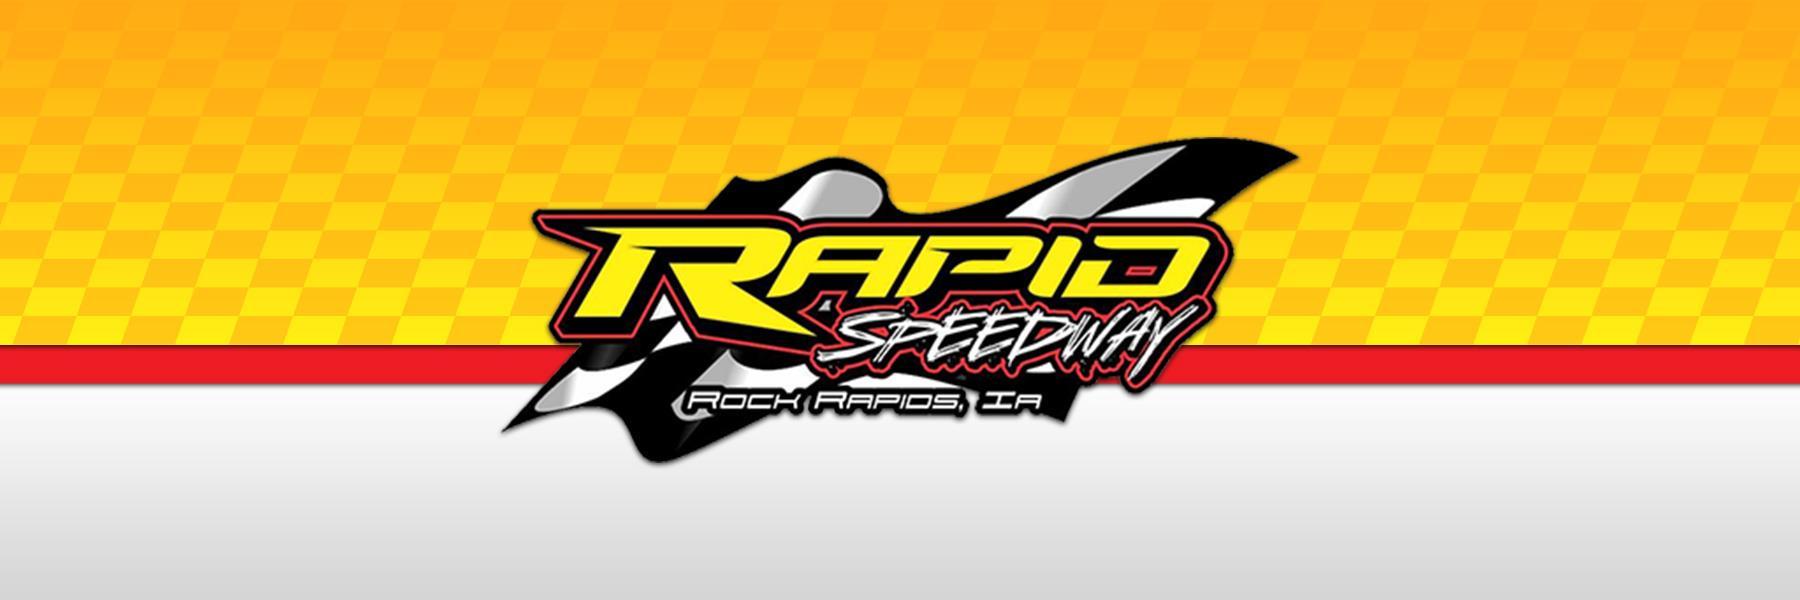 9/17/2021 - Rapid Speedway